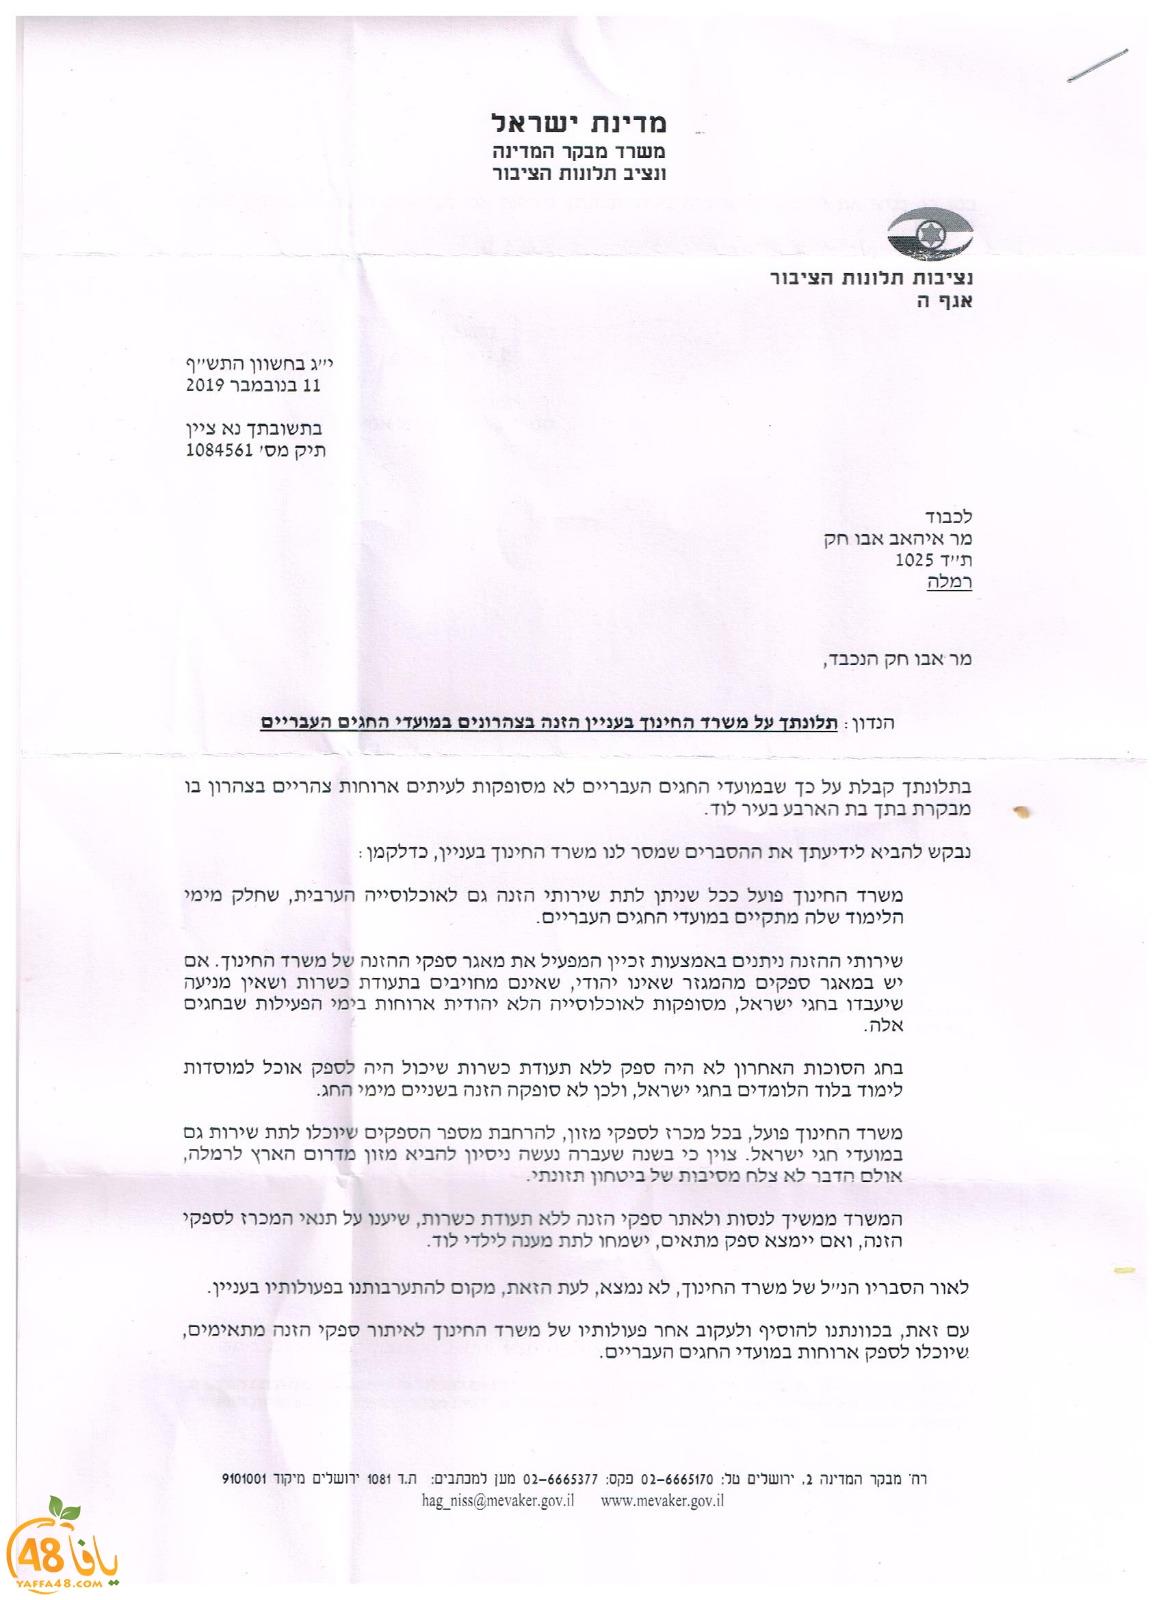 ناشط من اللد أولادنا في الروضات لا يحصلون على الوجبات الغذائية خلال الأعياد اليهودية